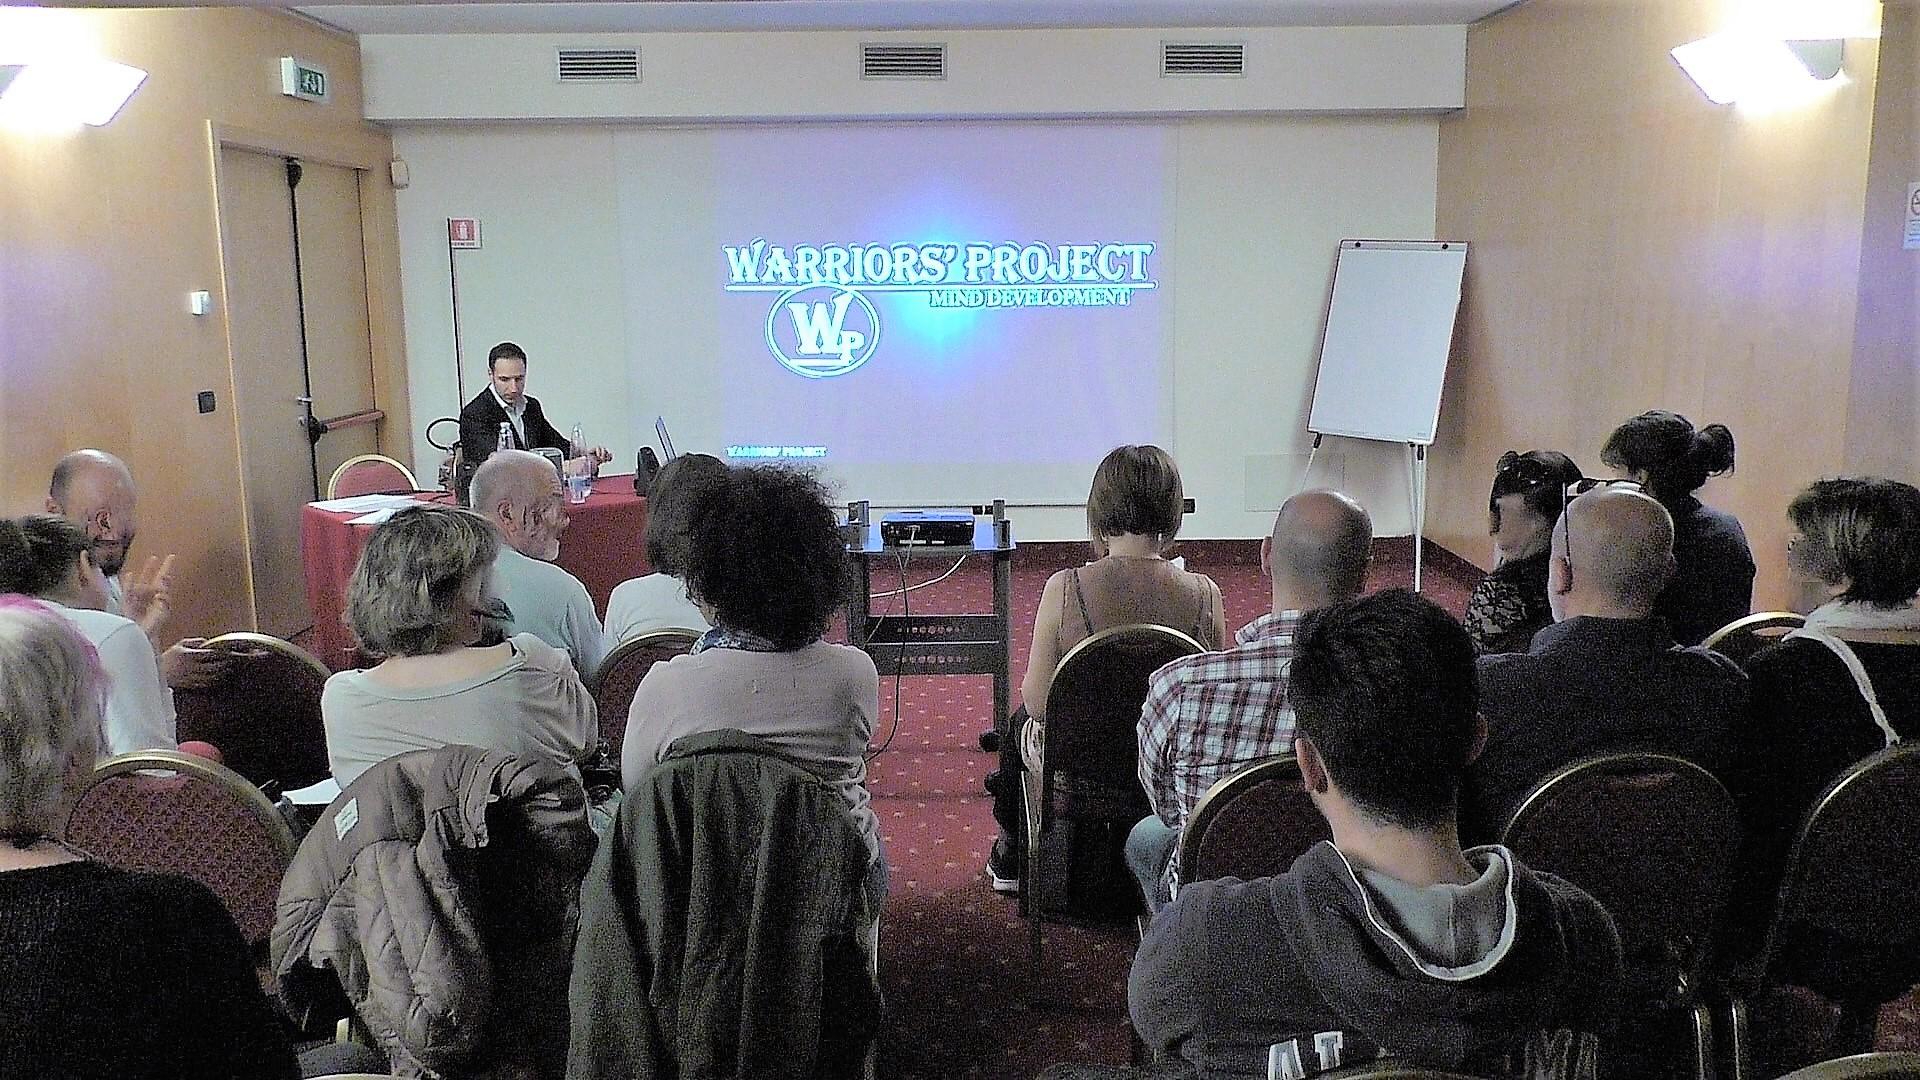 corso-di-formazione-gratuito-a-bologna-strategie-obiettivi-e-la-mentalita-vincente-warriors-project